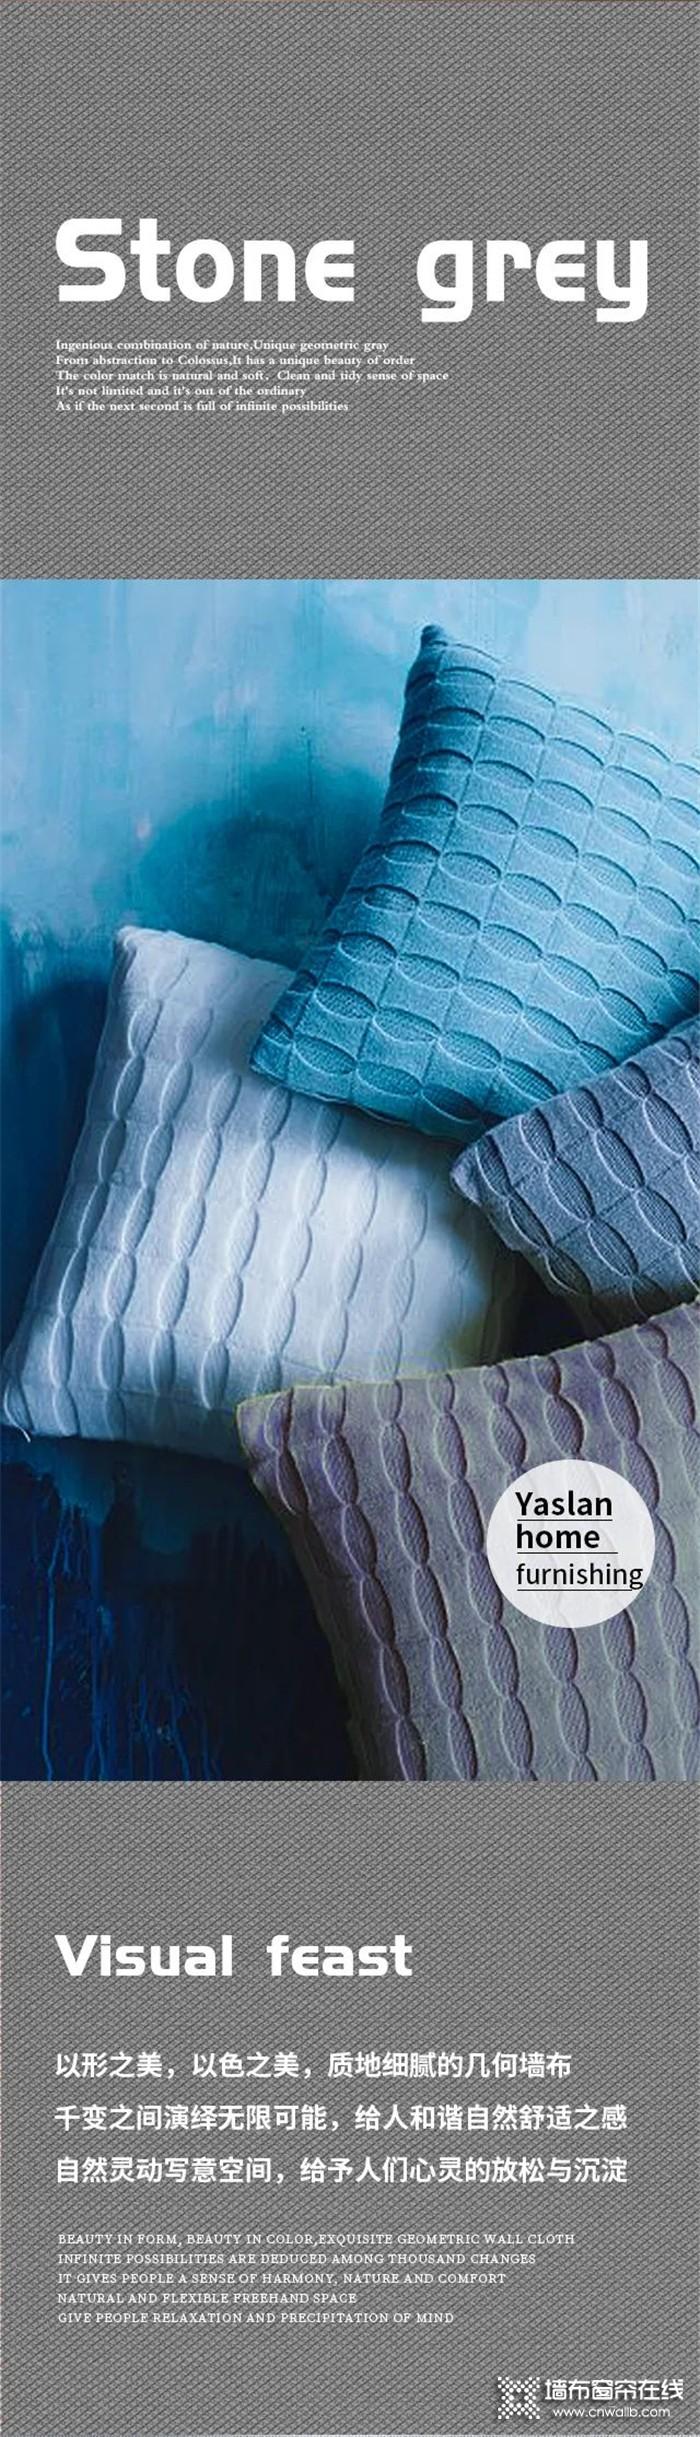 【YaSLAN墙布窗帘】雅诗澜石灰色几何艺术空间,别具一格的视觉盛宴